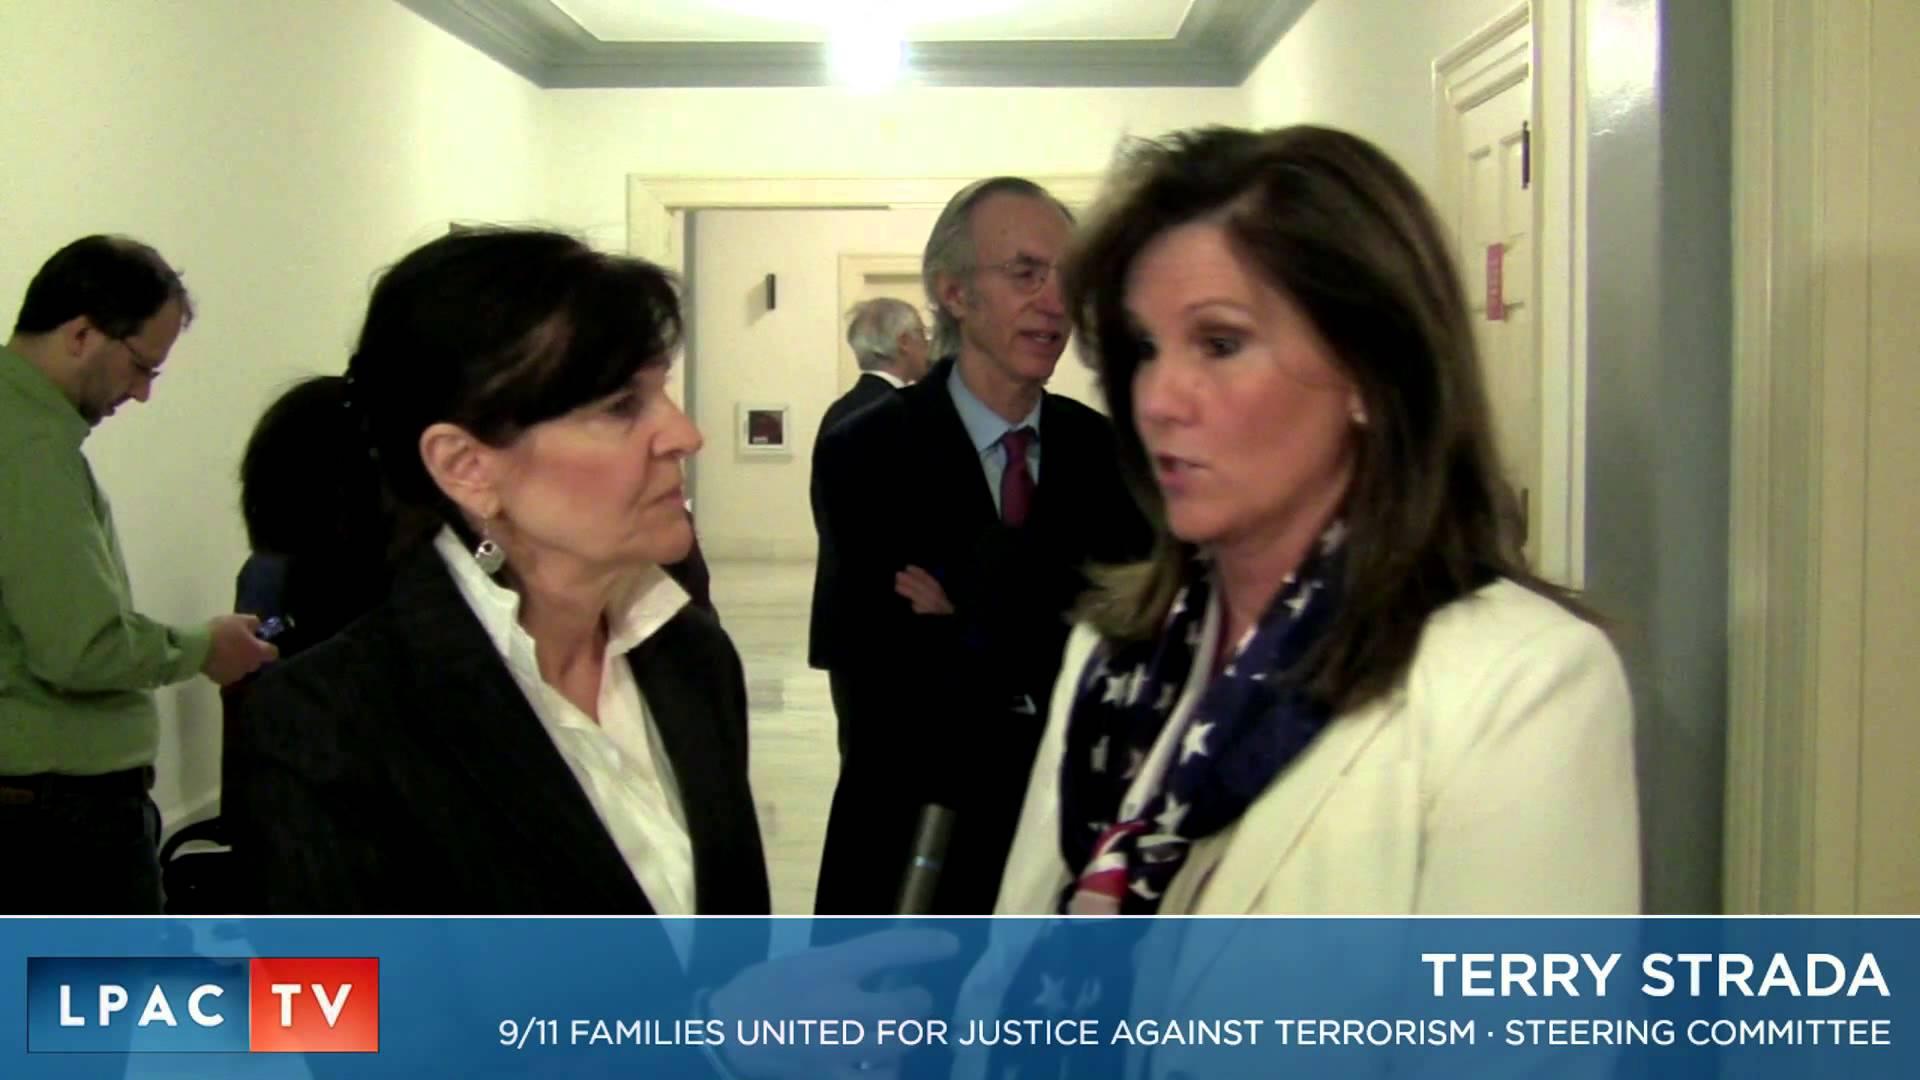 Le famiglie delle vittime dell'11 settembre: JASTA diventa finalmente legge